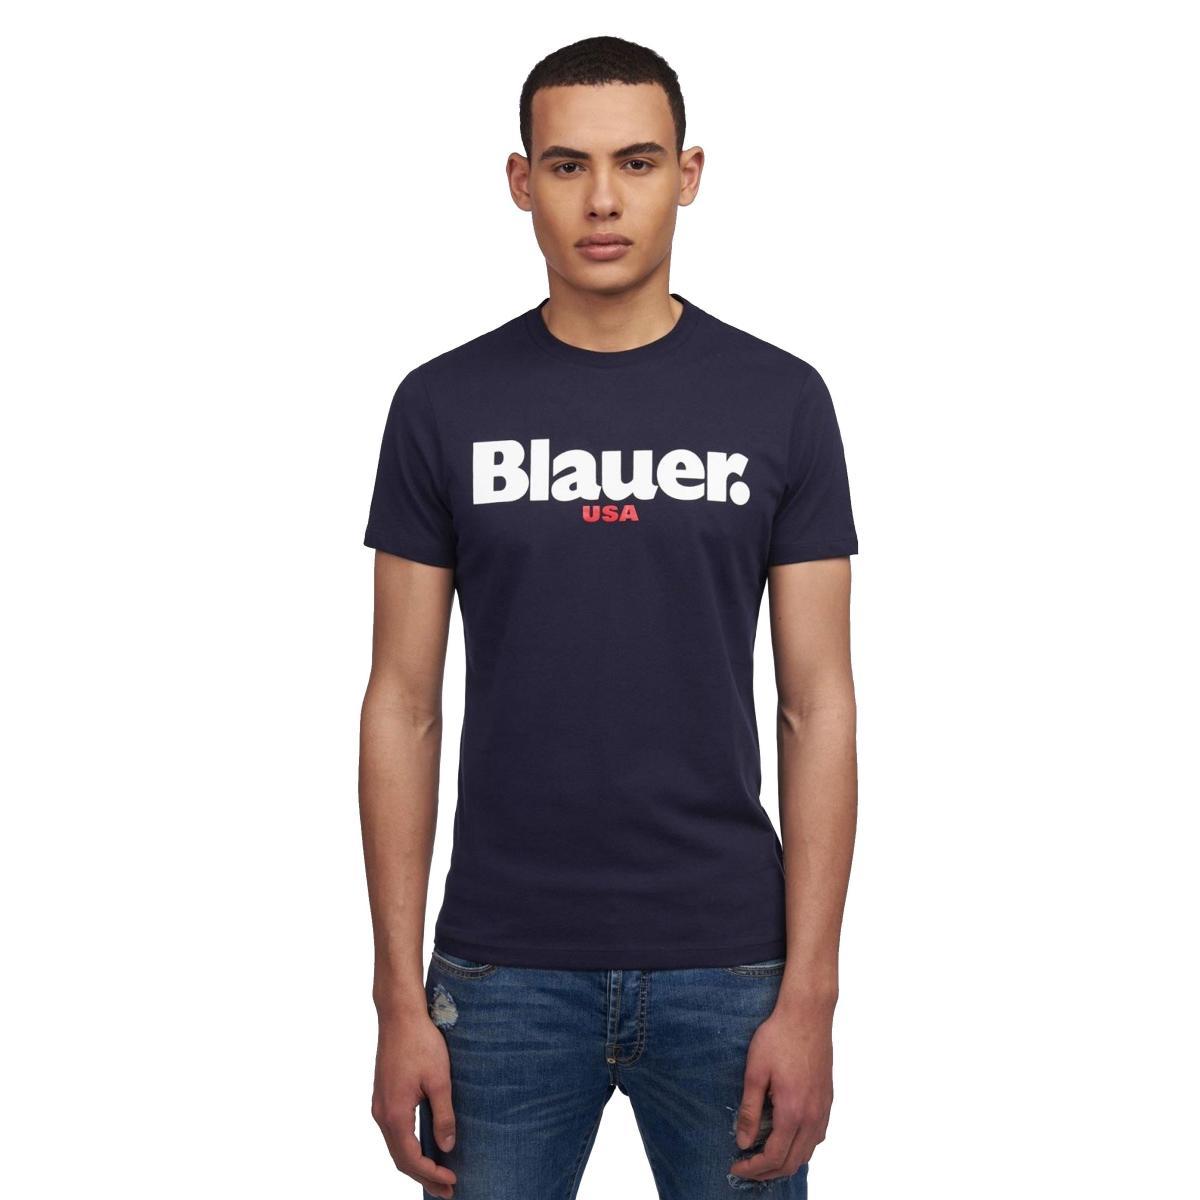 T-shirt Blauer con stampa sul petto da uomo rif. 19SBLUH02149 004547